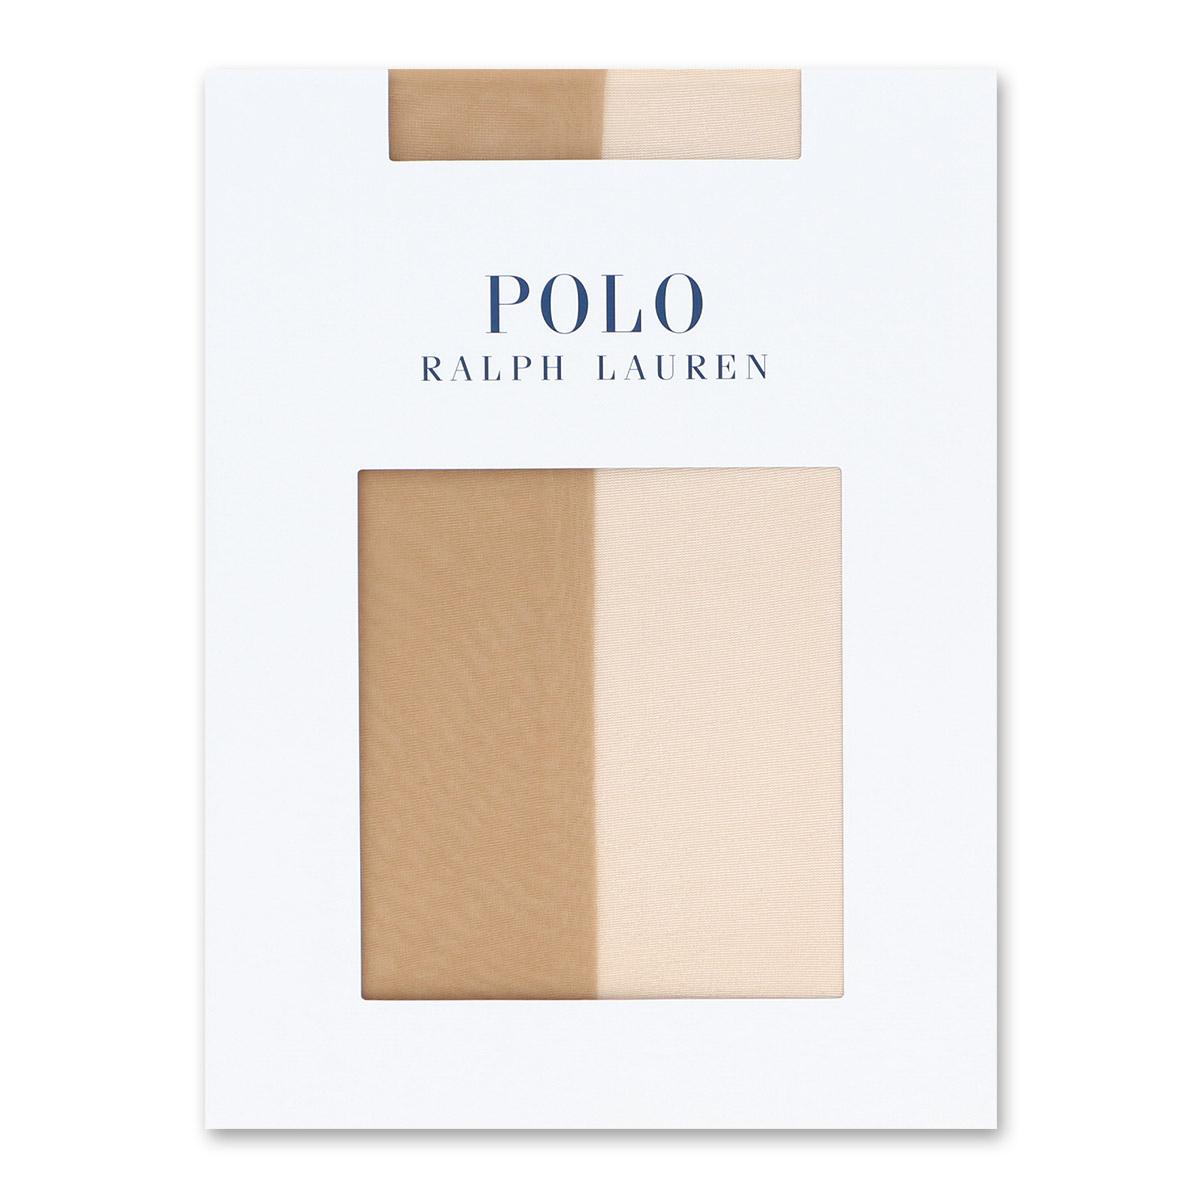 POLO RALPH LAUREN ポロ ラルフローレン パンティストッキング ウィメンズ ハイパワーシアートゥウエスト つま先・パンティー部切り替えなし 183-2330